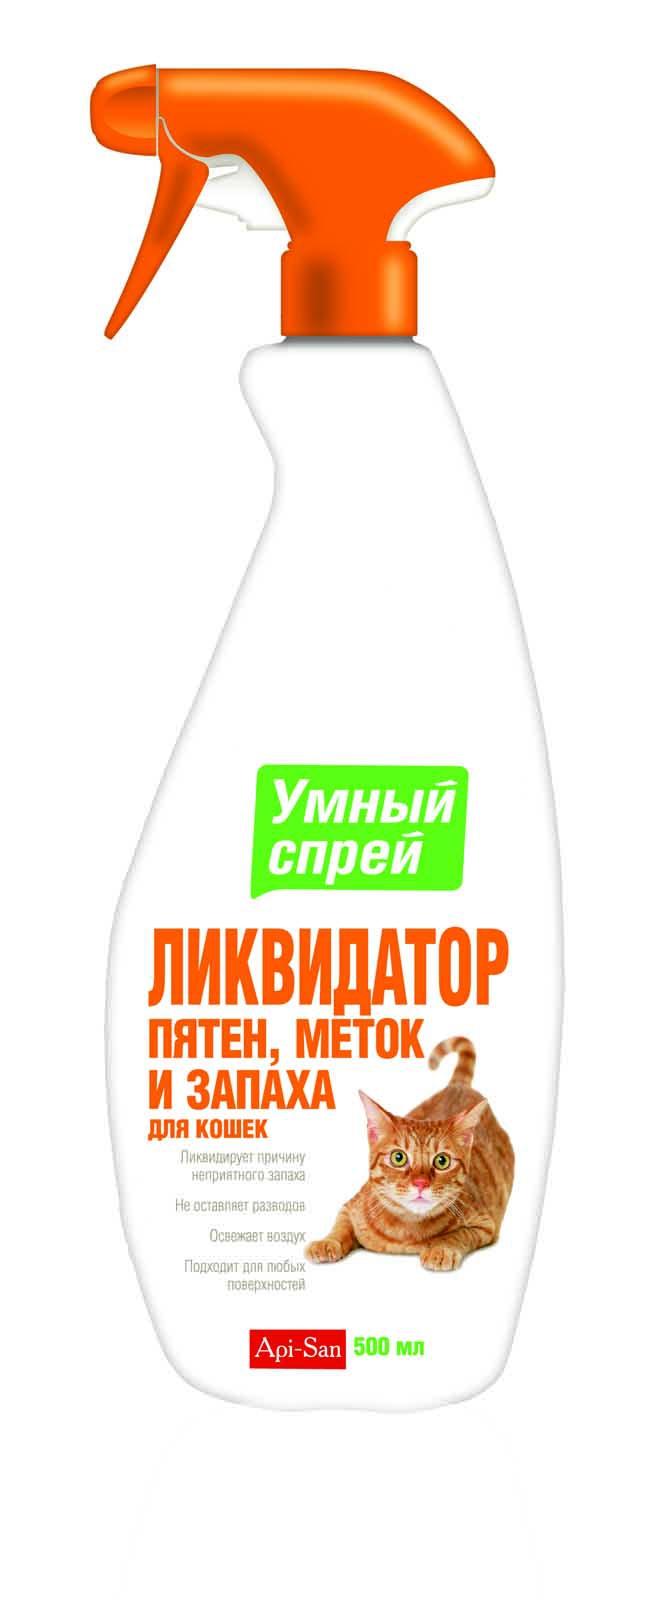 Апи-Сан Умный Спрей 5в1 Ликвидатор пятен, меток и запаха для кошек, 500 мл, Api-San